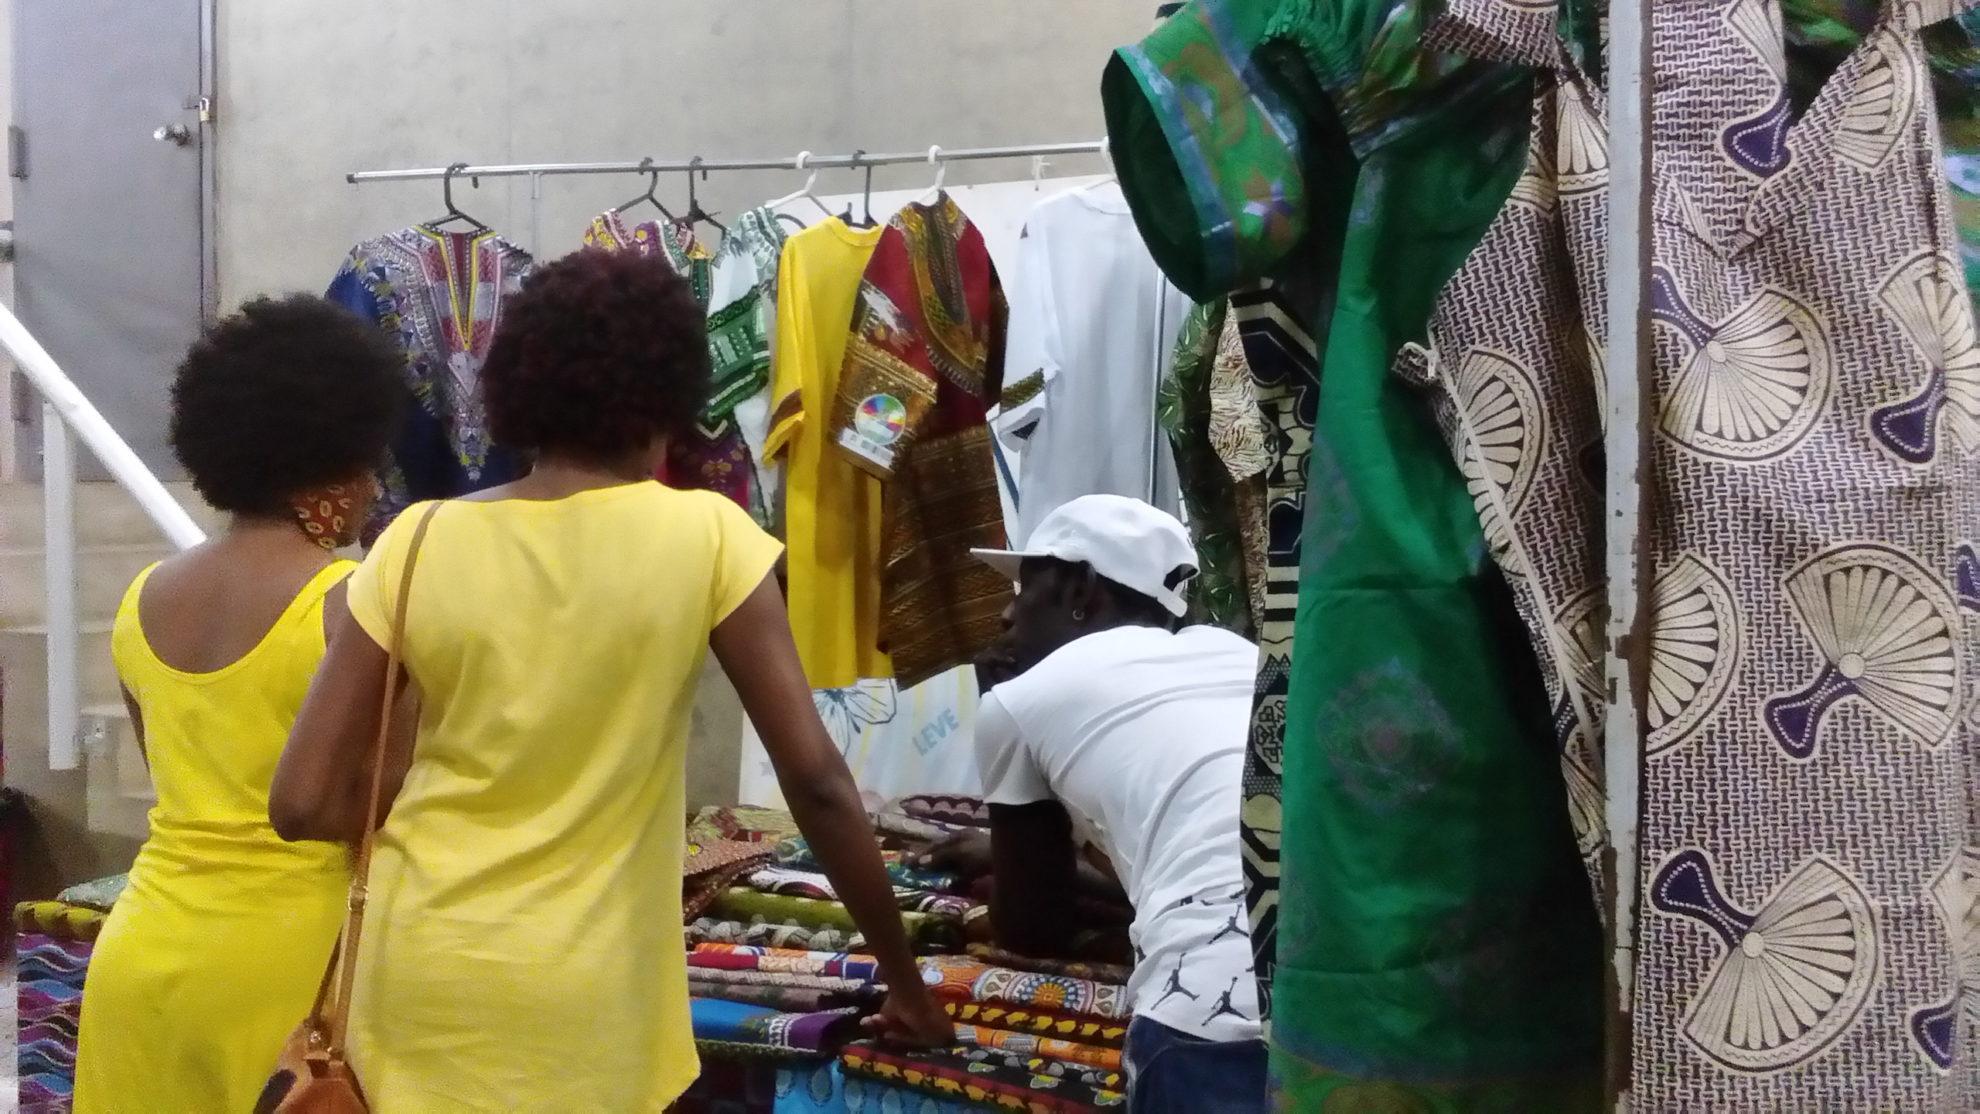 Evento teve venda de produtos preparados pelos próprios refugiados e imigrantes. Crédito: Amanda Rossa